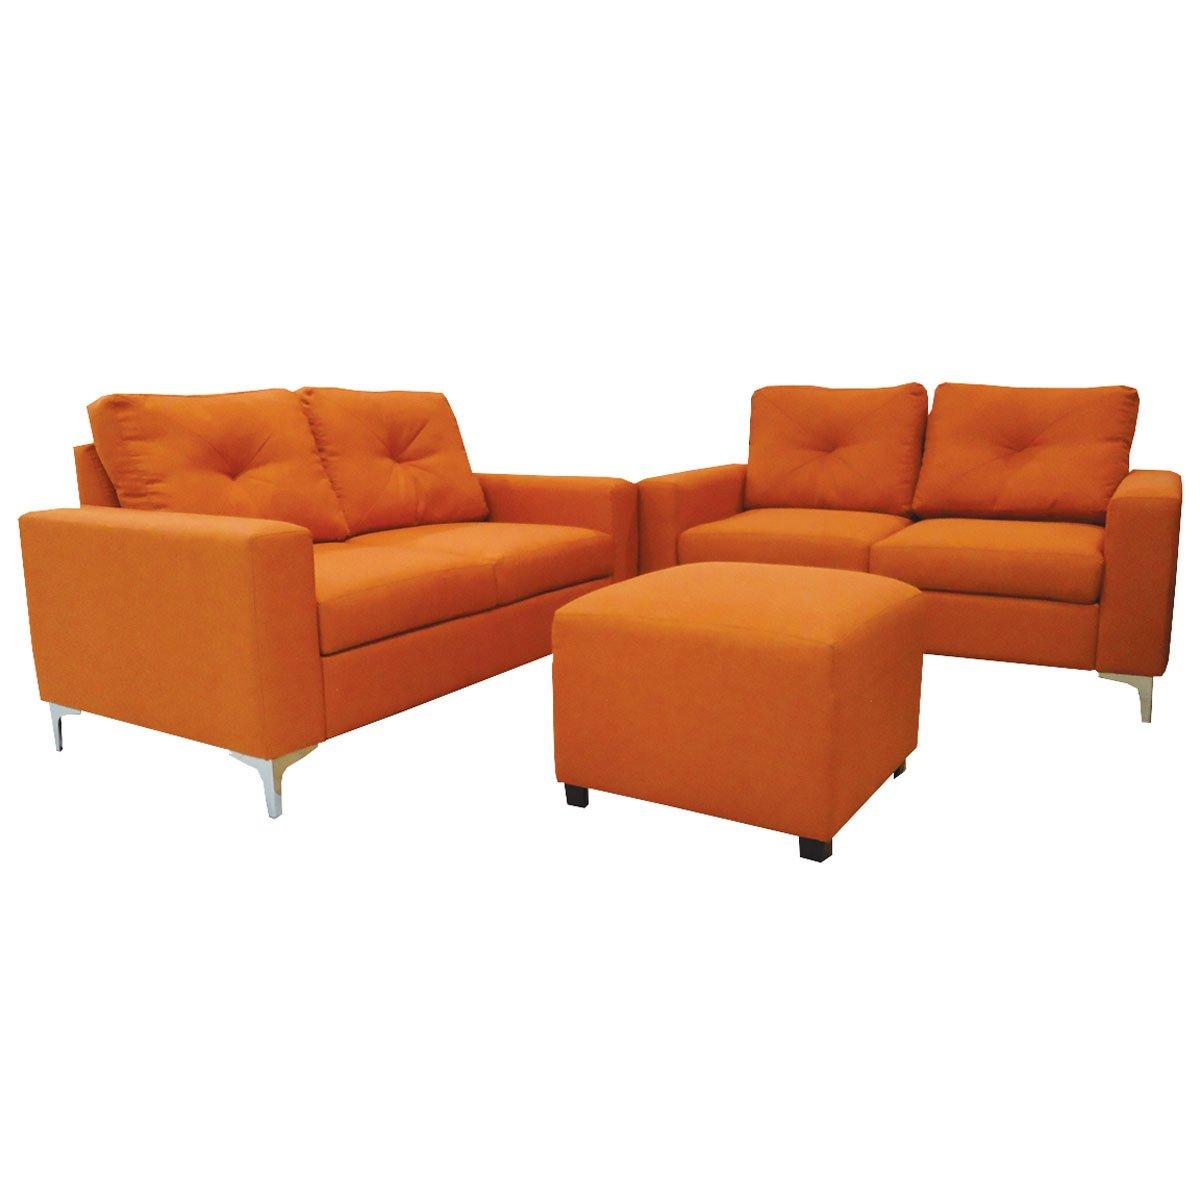 Sala Merlo 2 2 T Color Naranja Gasar Muebles Sears Com